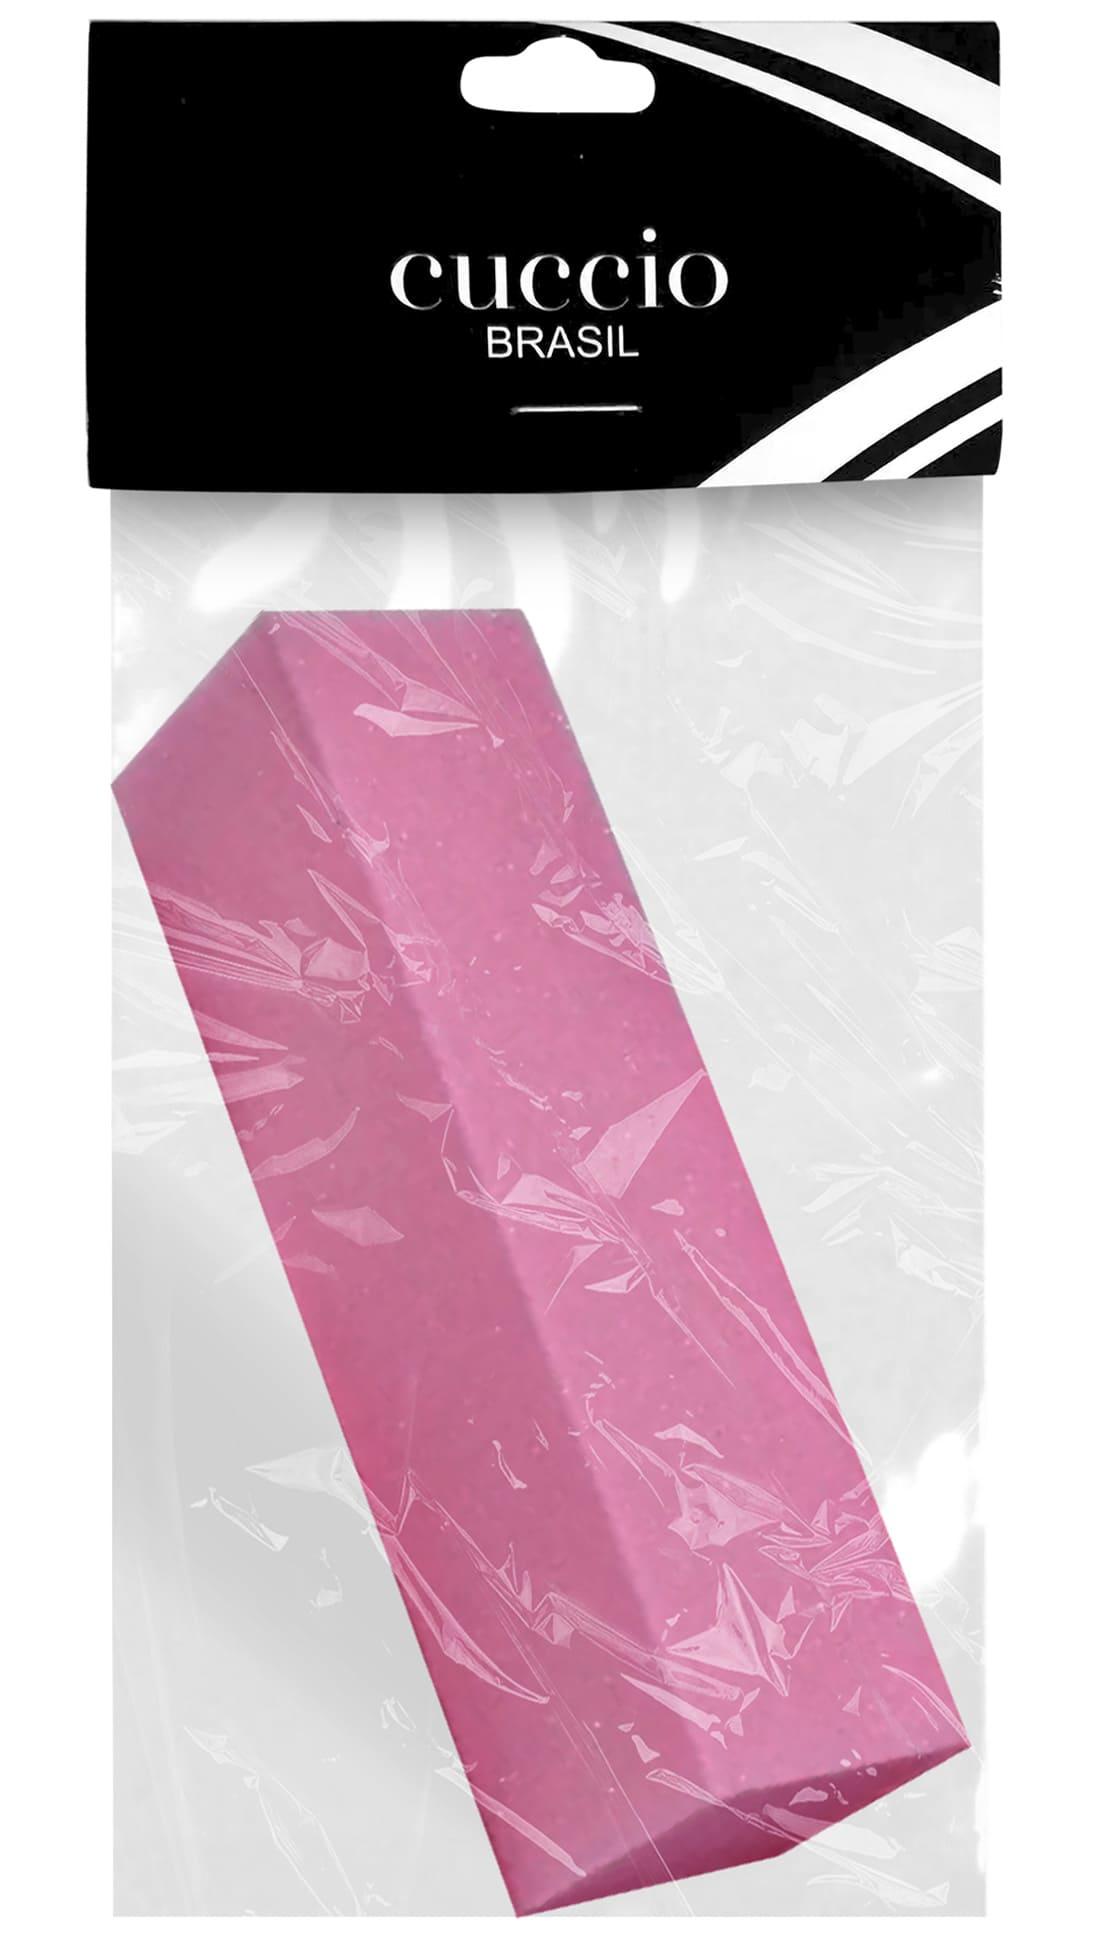 Bloco Fecha Poros Pink - 220/320 Gritbloco Fecha Poros Pink - 220/320 Grit